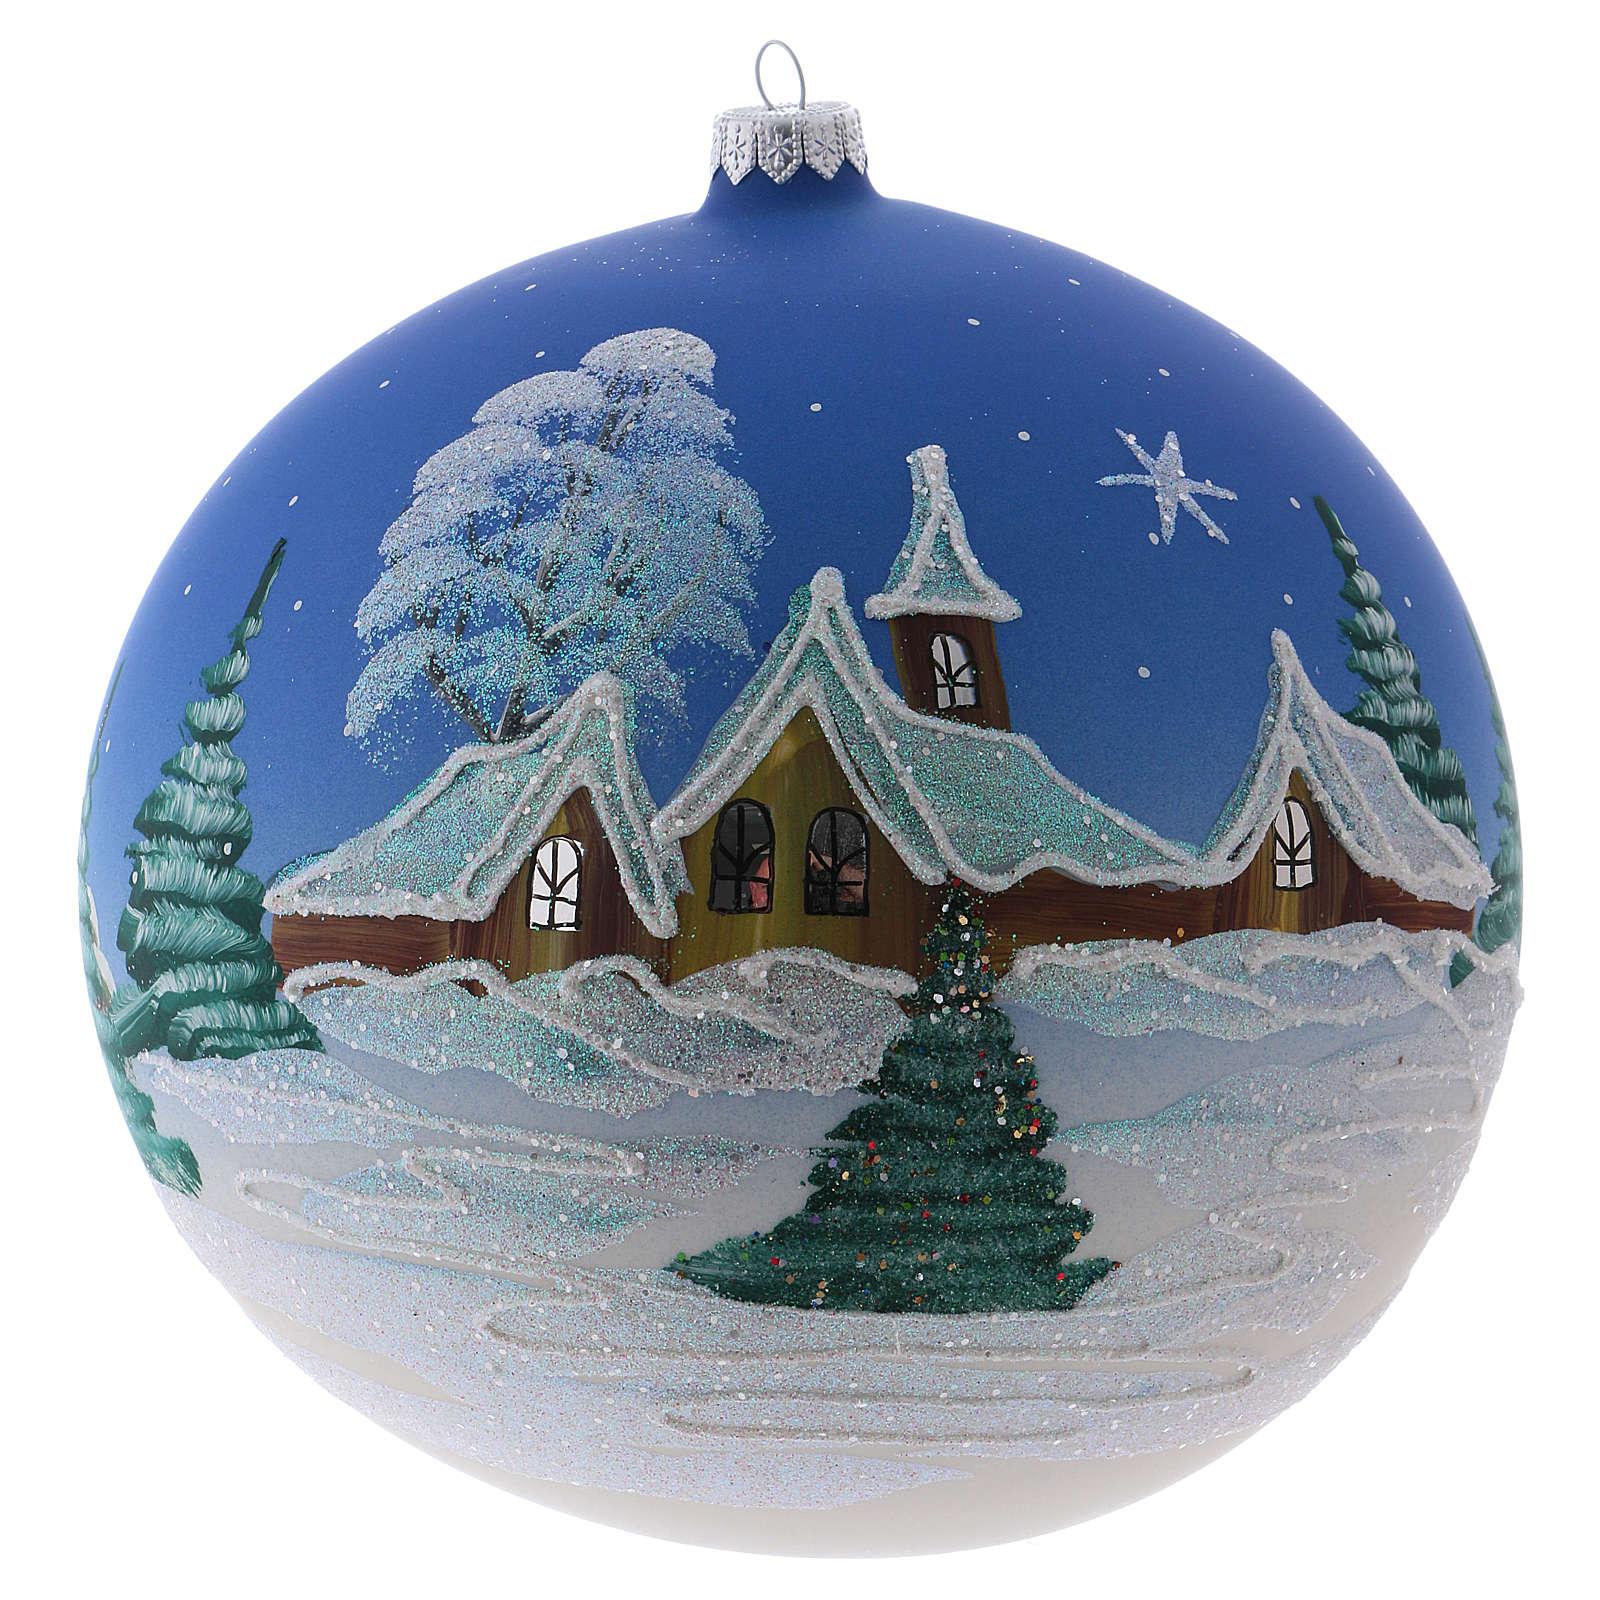 Bola Navidad 200 mm vidrio soplado pueblo nórdico nevado cielo azul 4